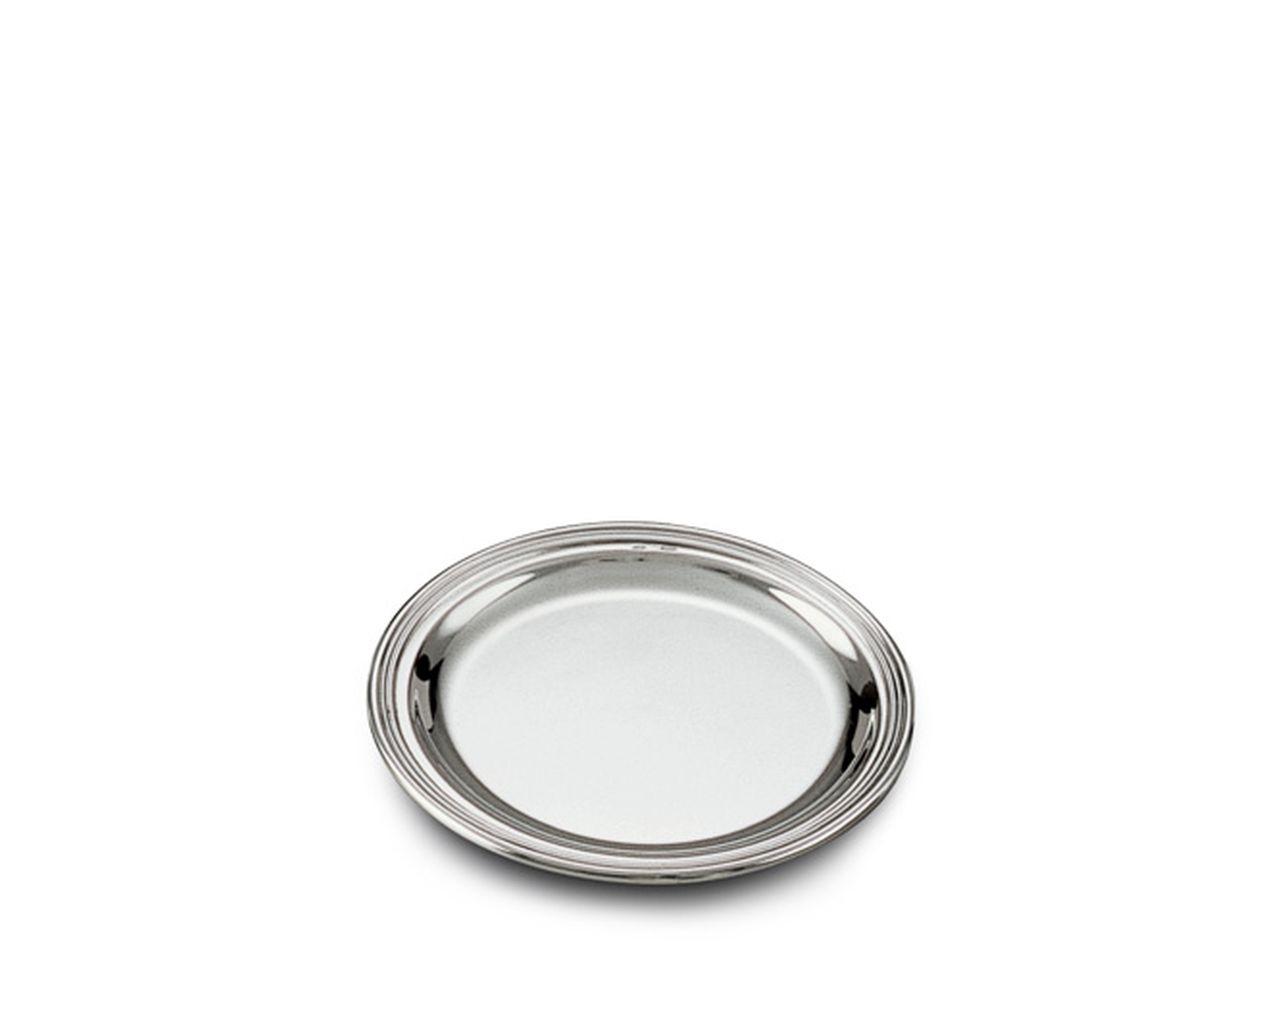 Sottopane in argento massiccio stile Inglese bordo godronato